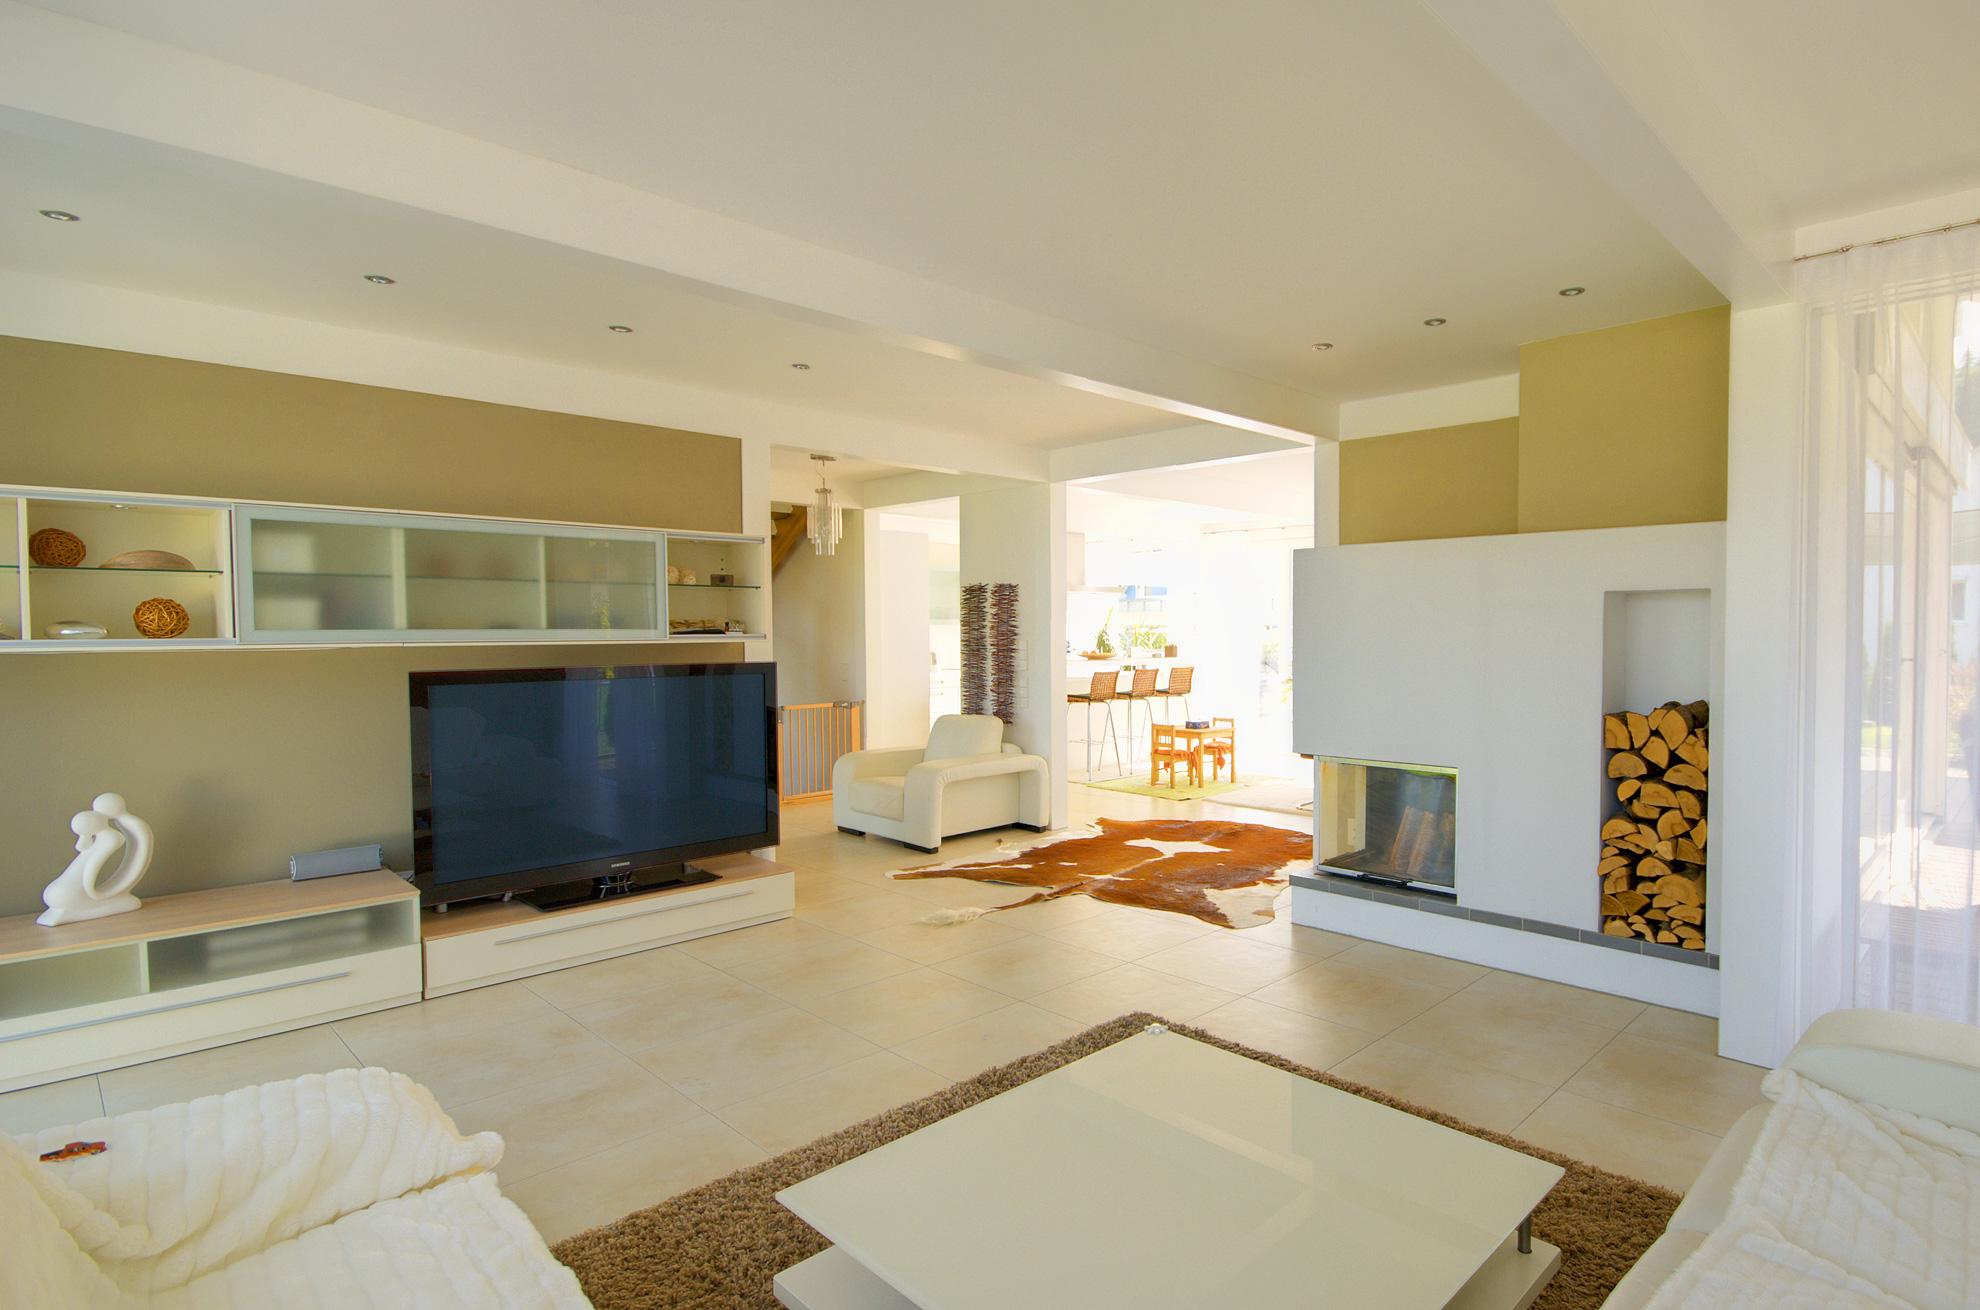 haus einrichten kosten ehrfurcht gebietend haus aufstocken kosten dekoinhaus. Black Bedroom Furniture Sets. Home Design Ideas